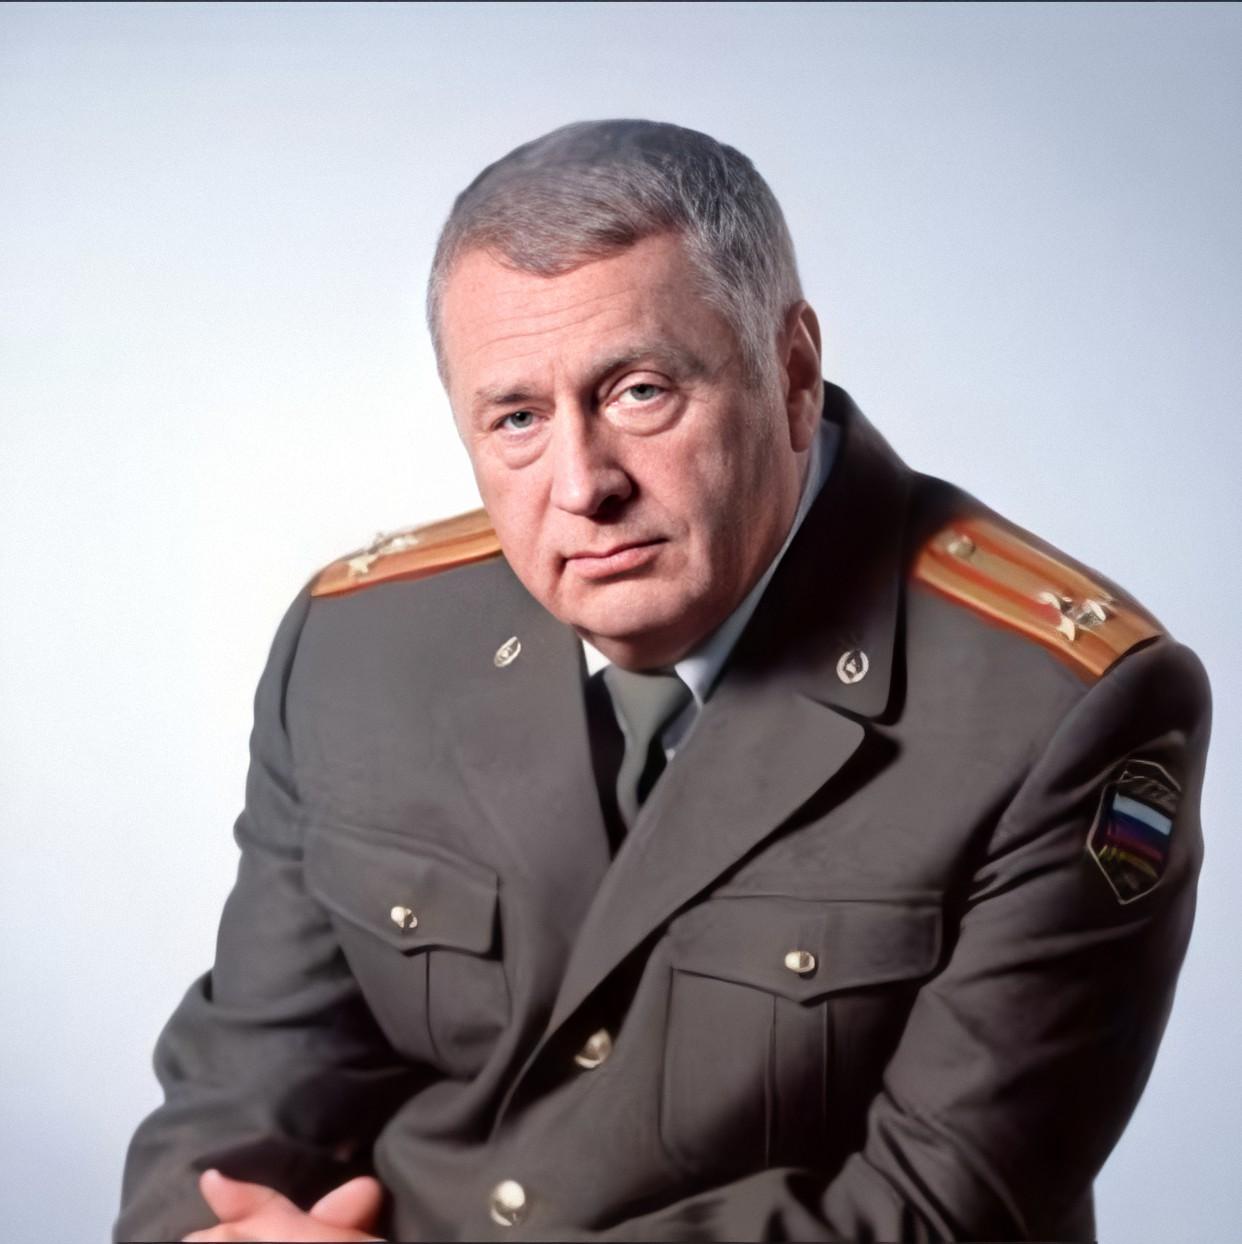 Звание полковника за американскую конституции РФ